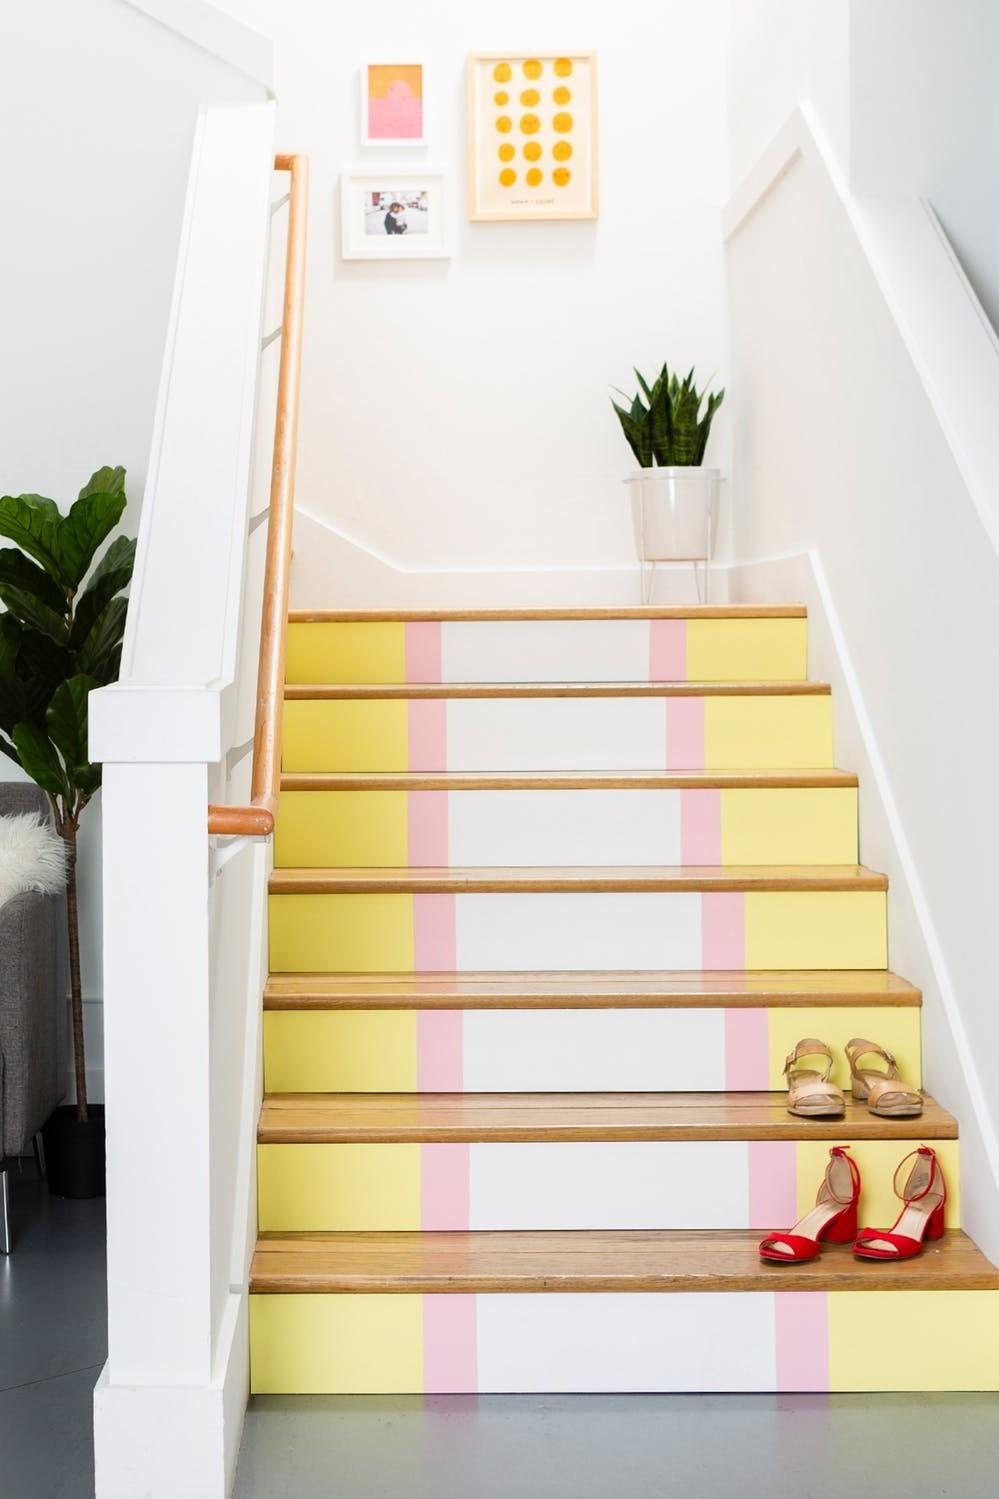 Utilisez deux ou trois tons pastel différents et des variations entre les couleurs lorsque vous peignez vos escaliers.